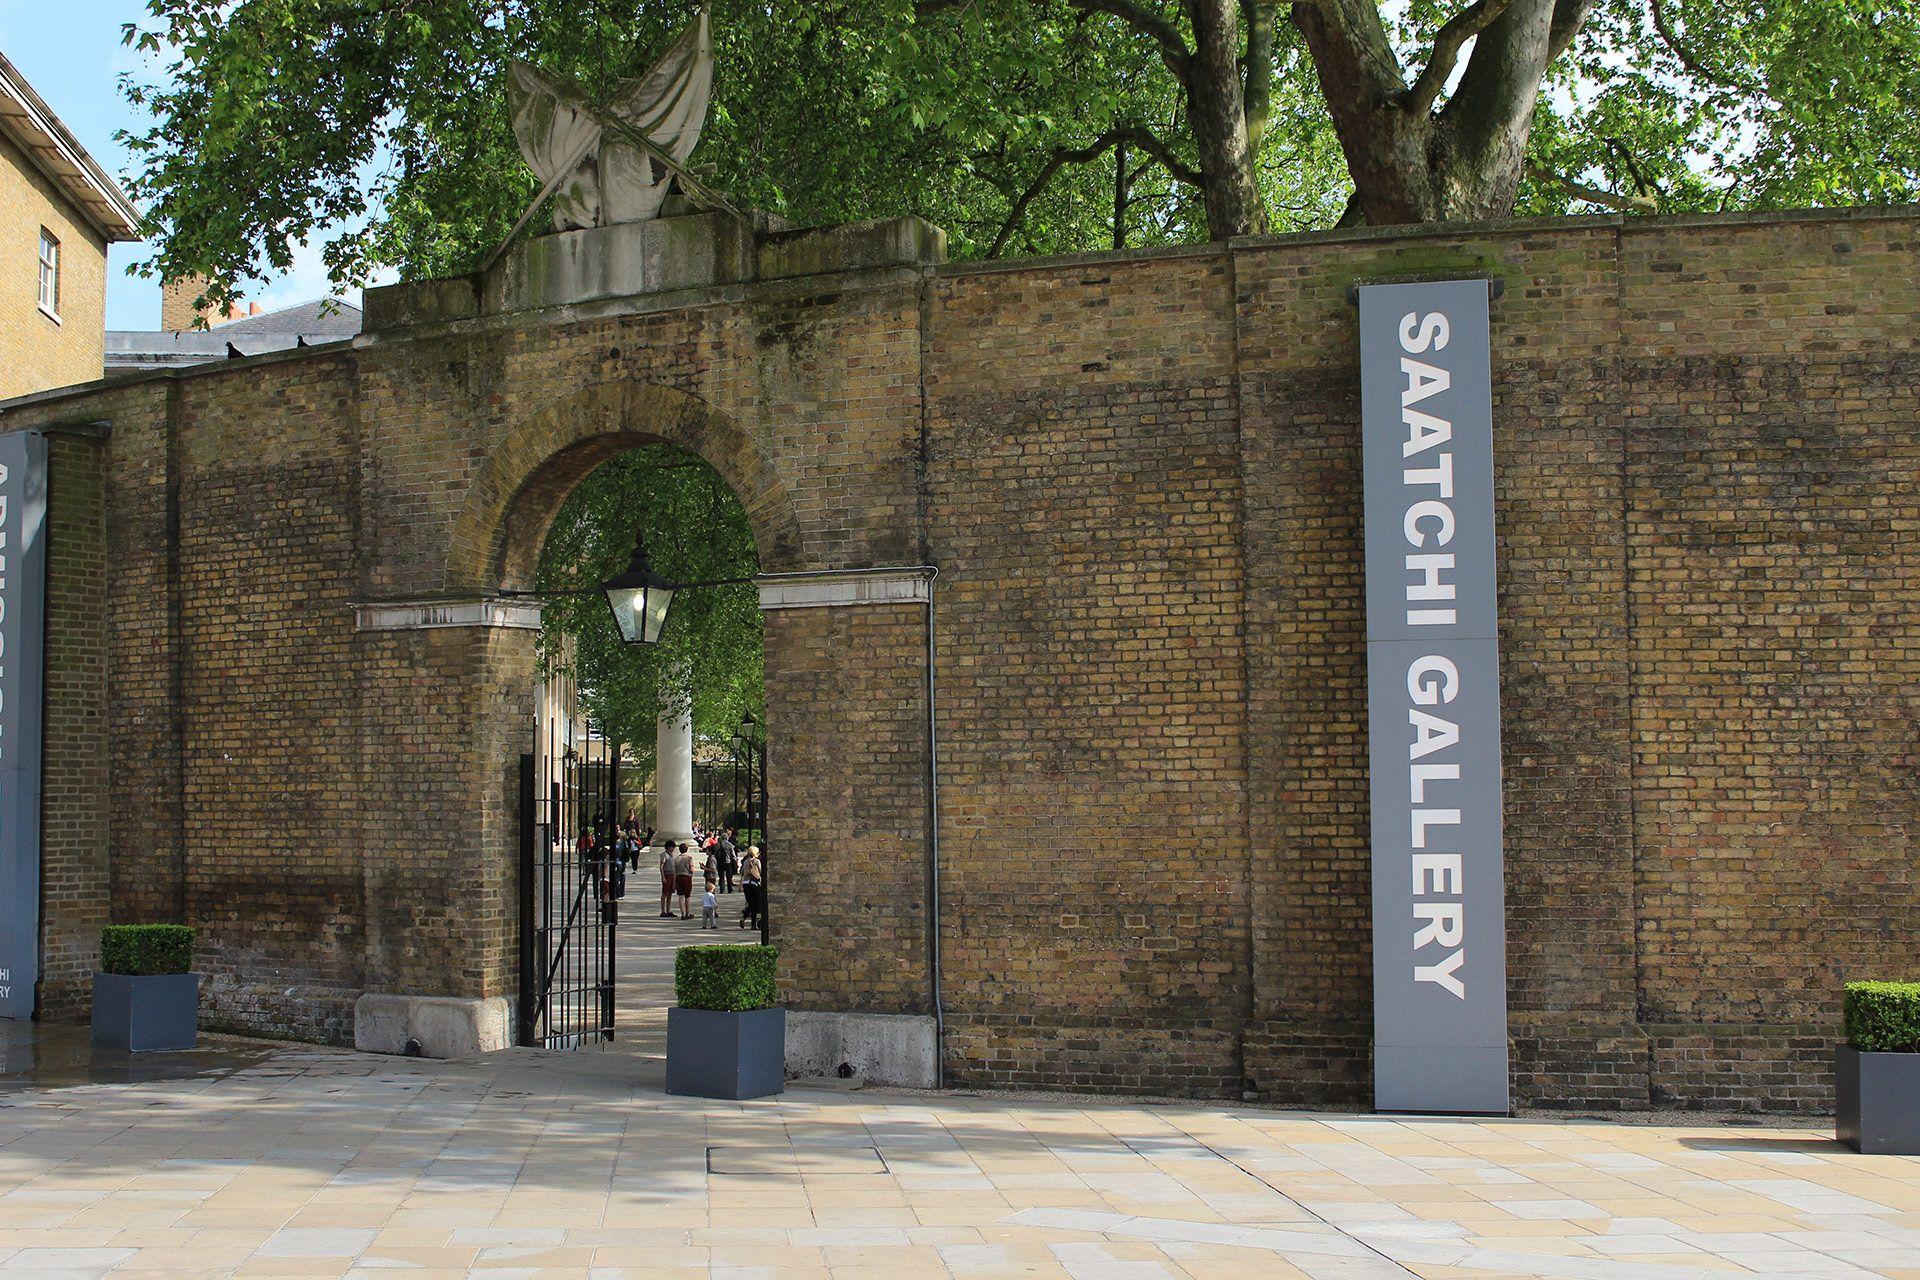 Saatchi Gallery Entrance